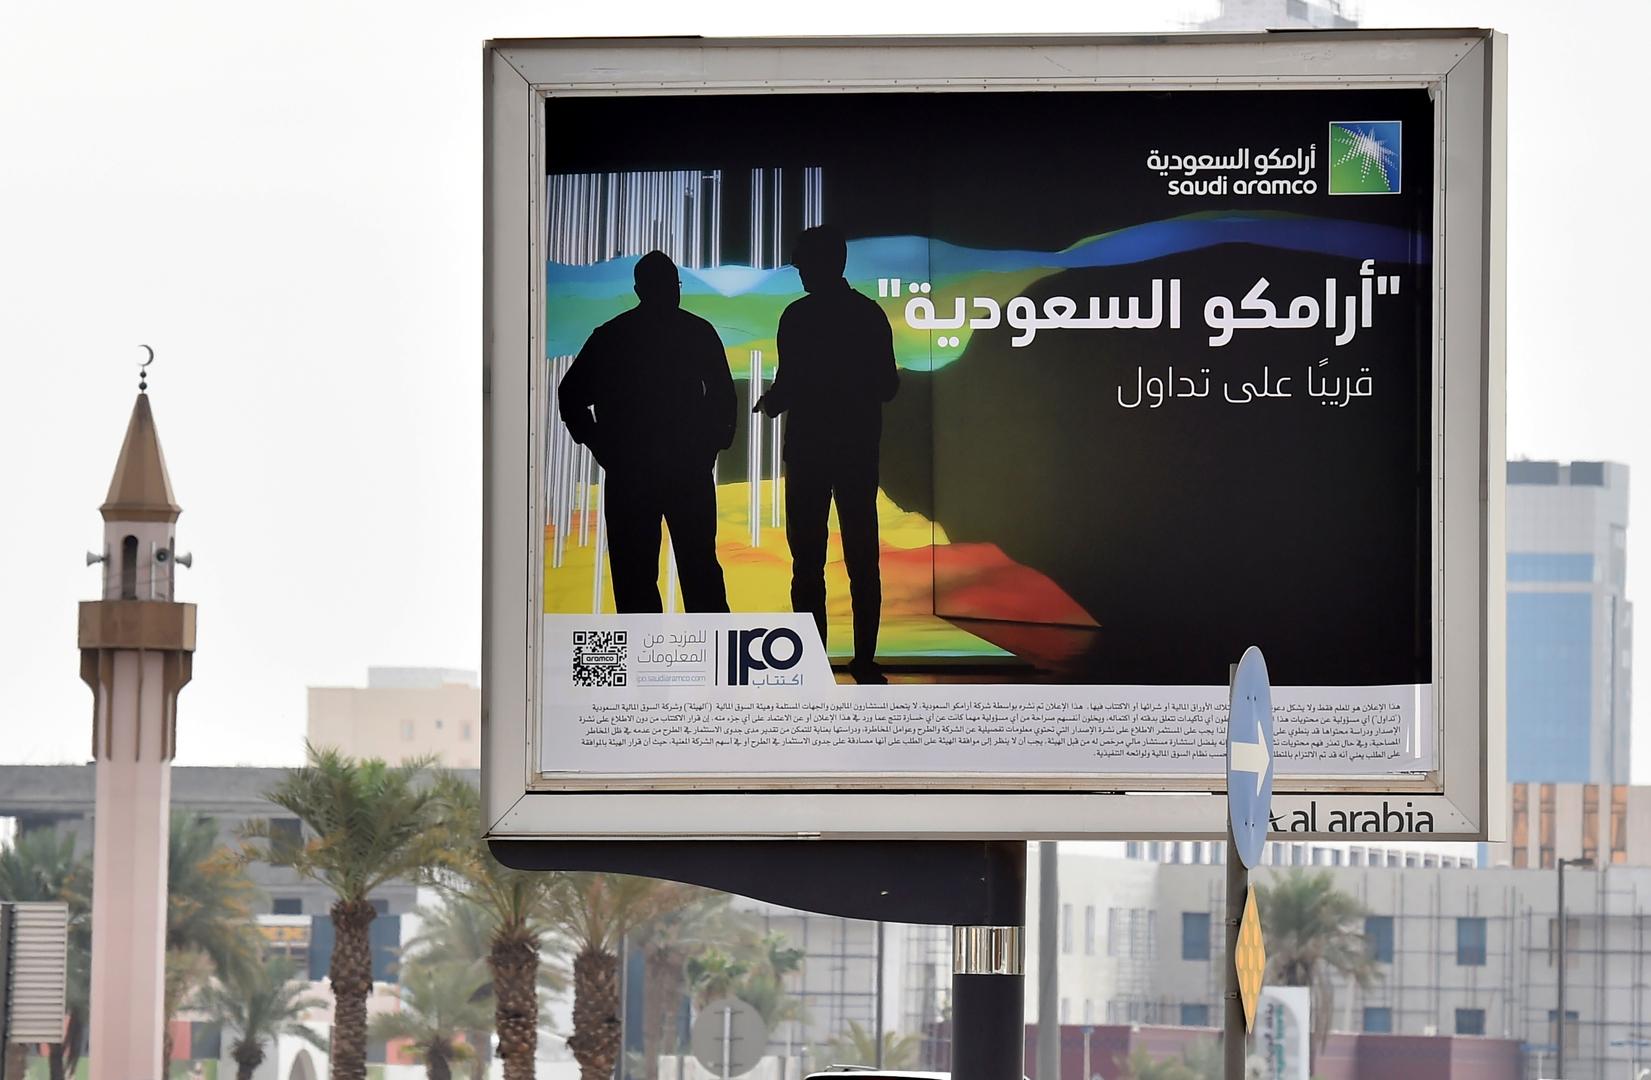 سعر سهم أرامكو السعودية: الأحد الخبر اليقين!